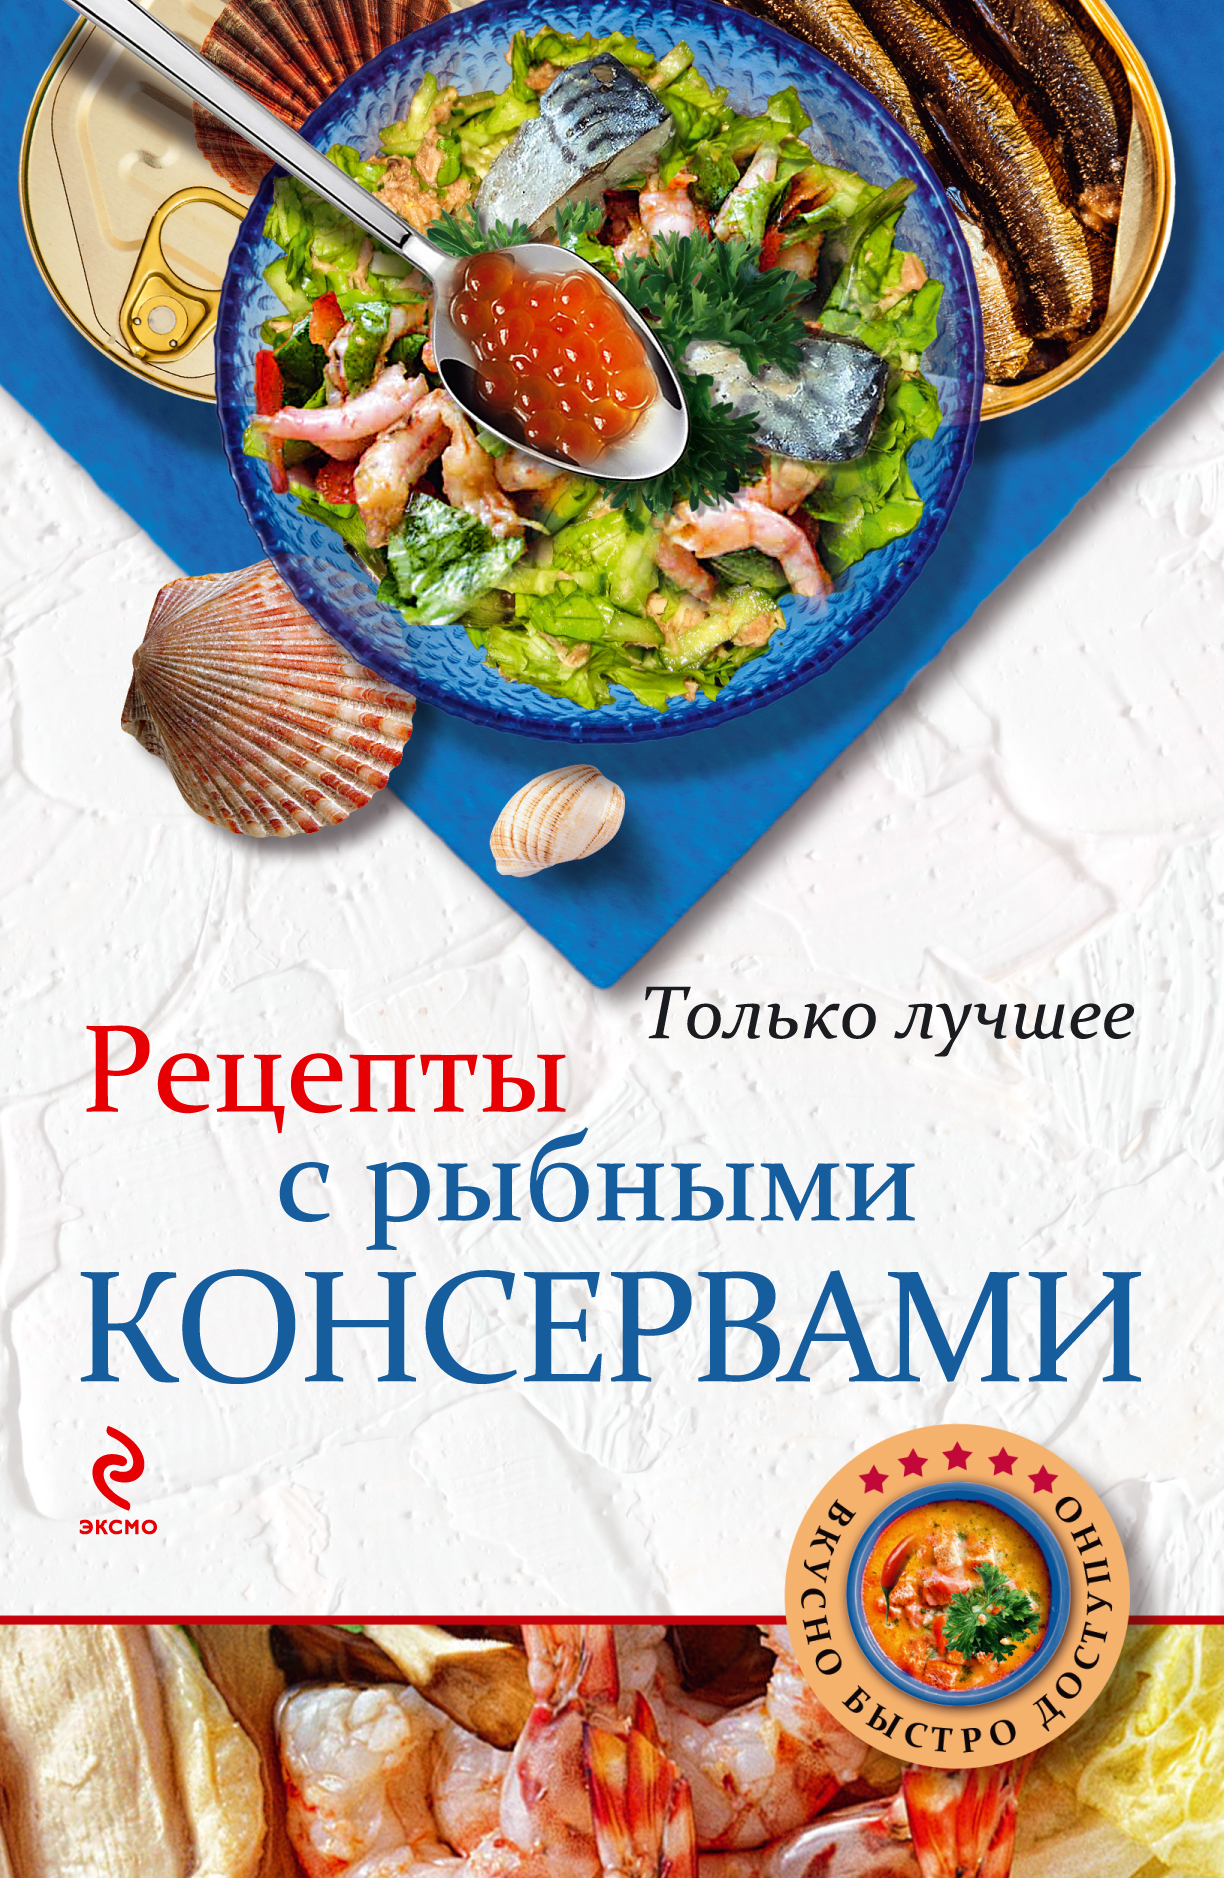 Рецепты с рыбными консервами